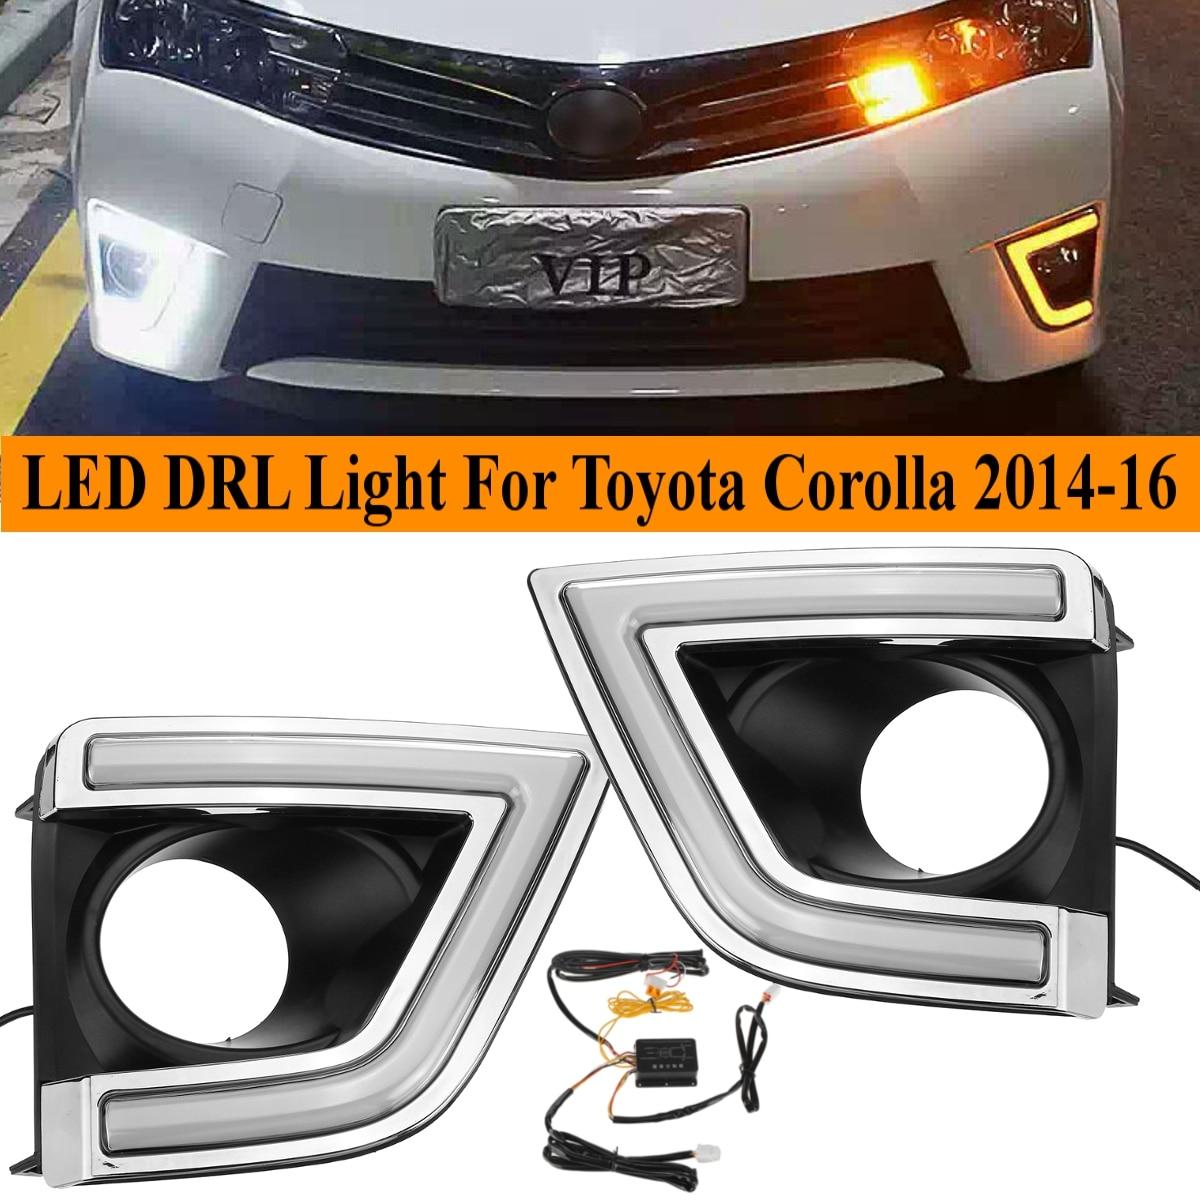 Voiture Led Drl pour Toyota Corolla 2014 2015 2016 blanc jaune lumière diurne Drl conduite antibrouillard clignotant accessoires couverture